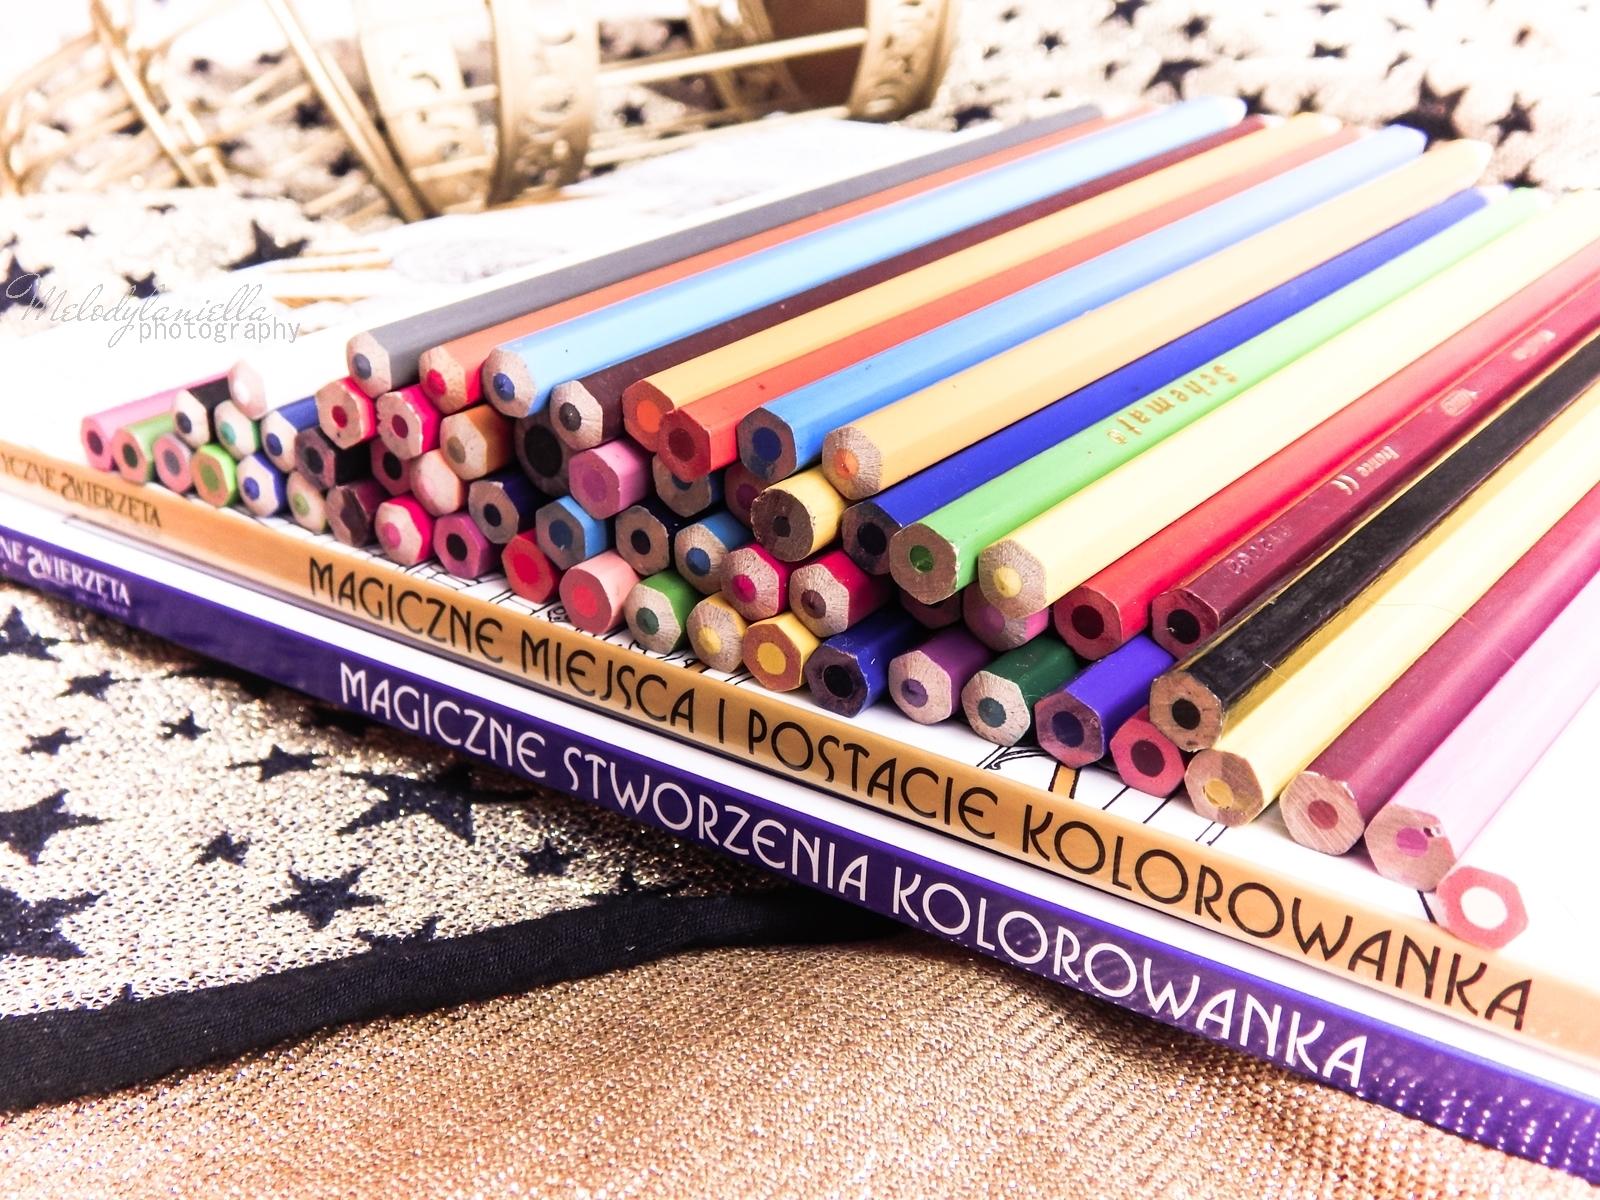 9  Konkurs ! Do wygrania 6 kolorowanek Fantastyczne zwierzęta i jak je znaleźć Magiczne zwierzęta kolorowanka oraz Magiczne miejsca i postacie kolorowanka. HarperCollins. Melodylaniella harry potter